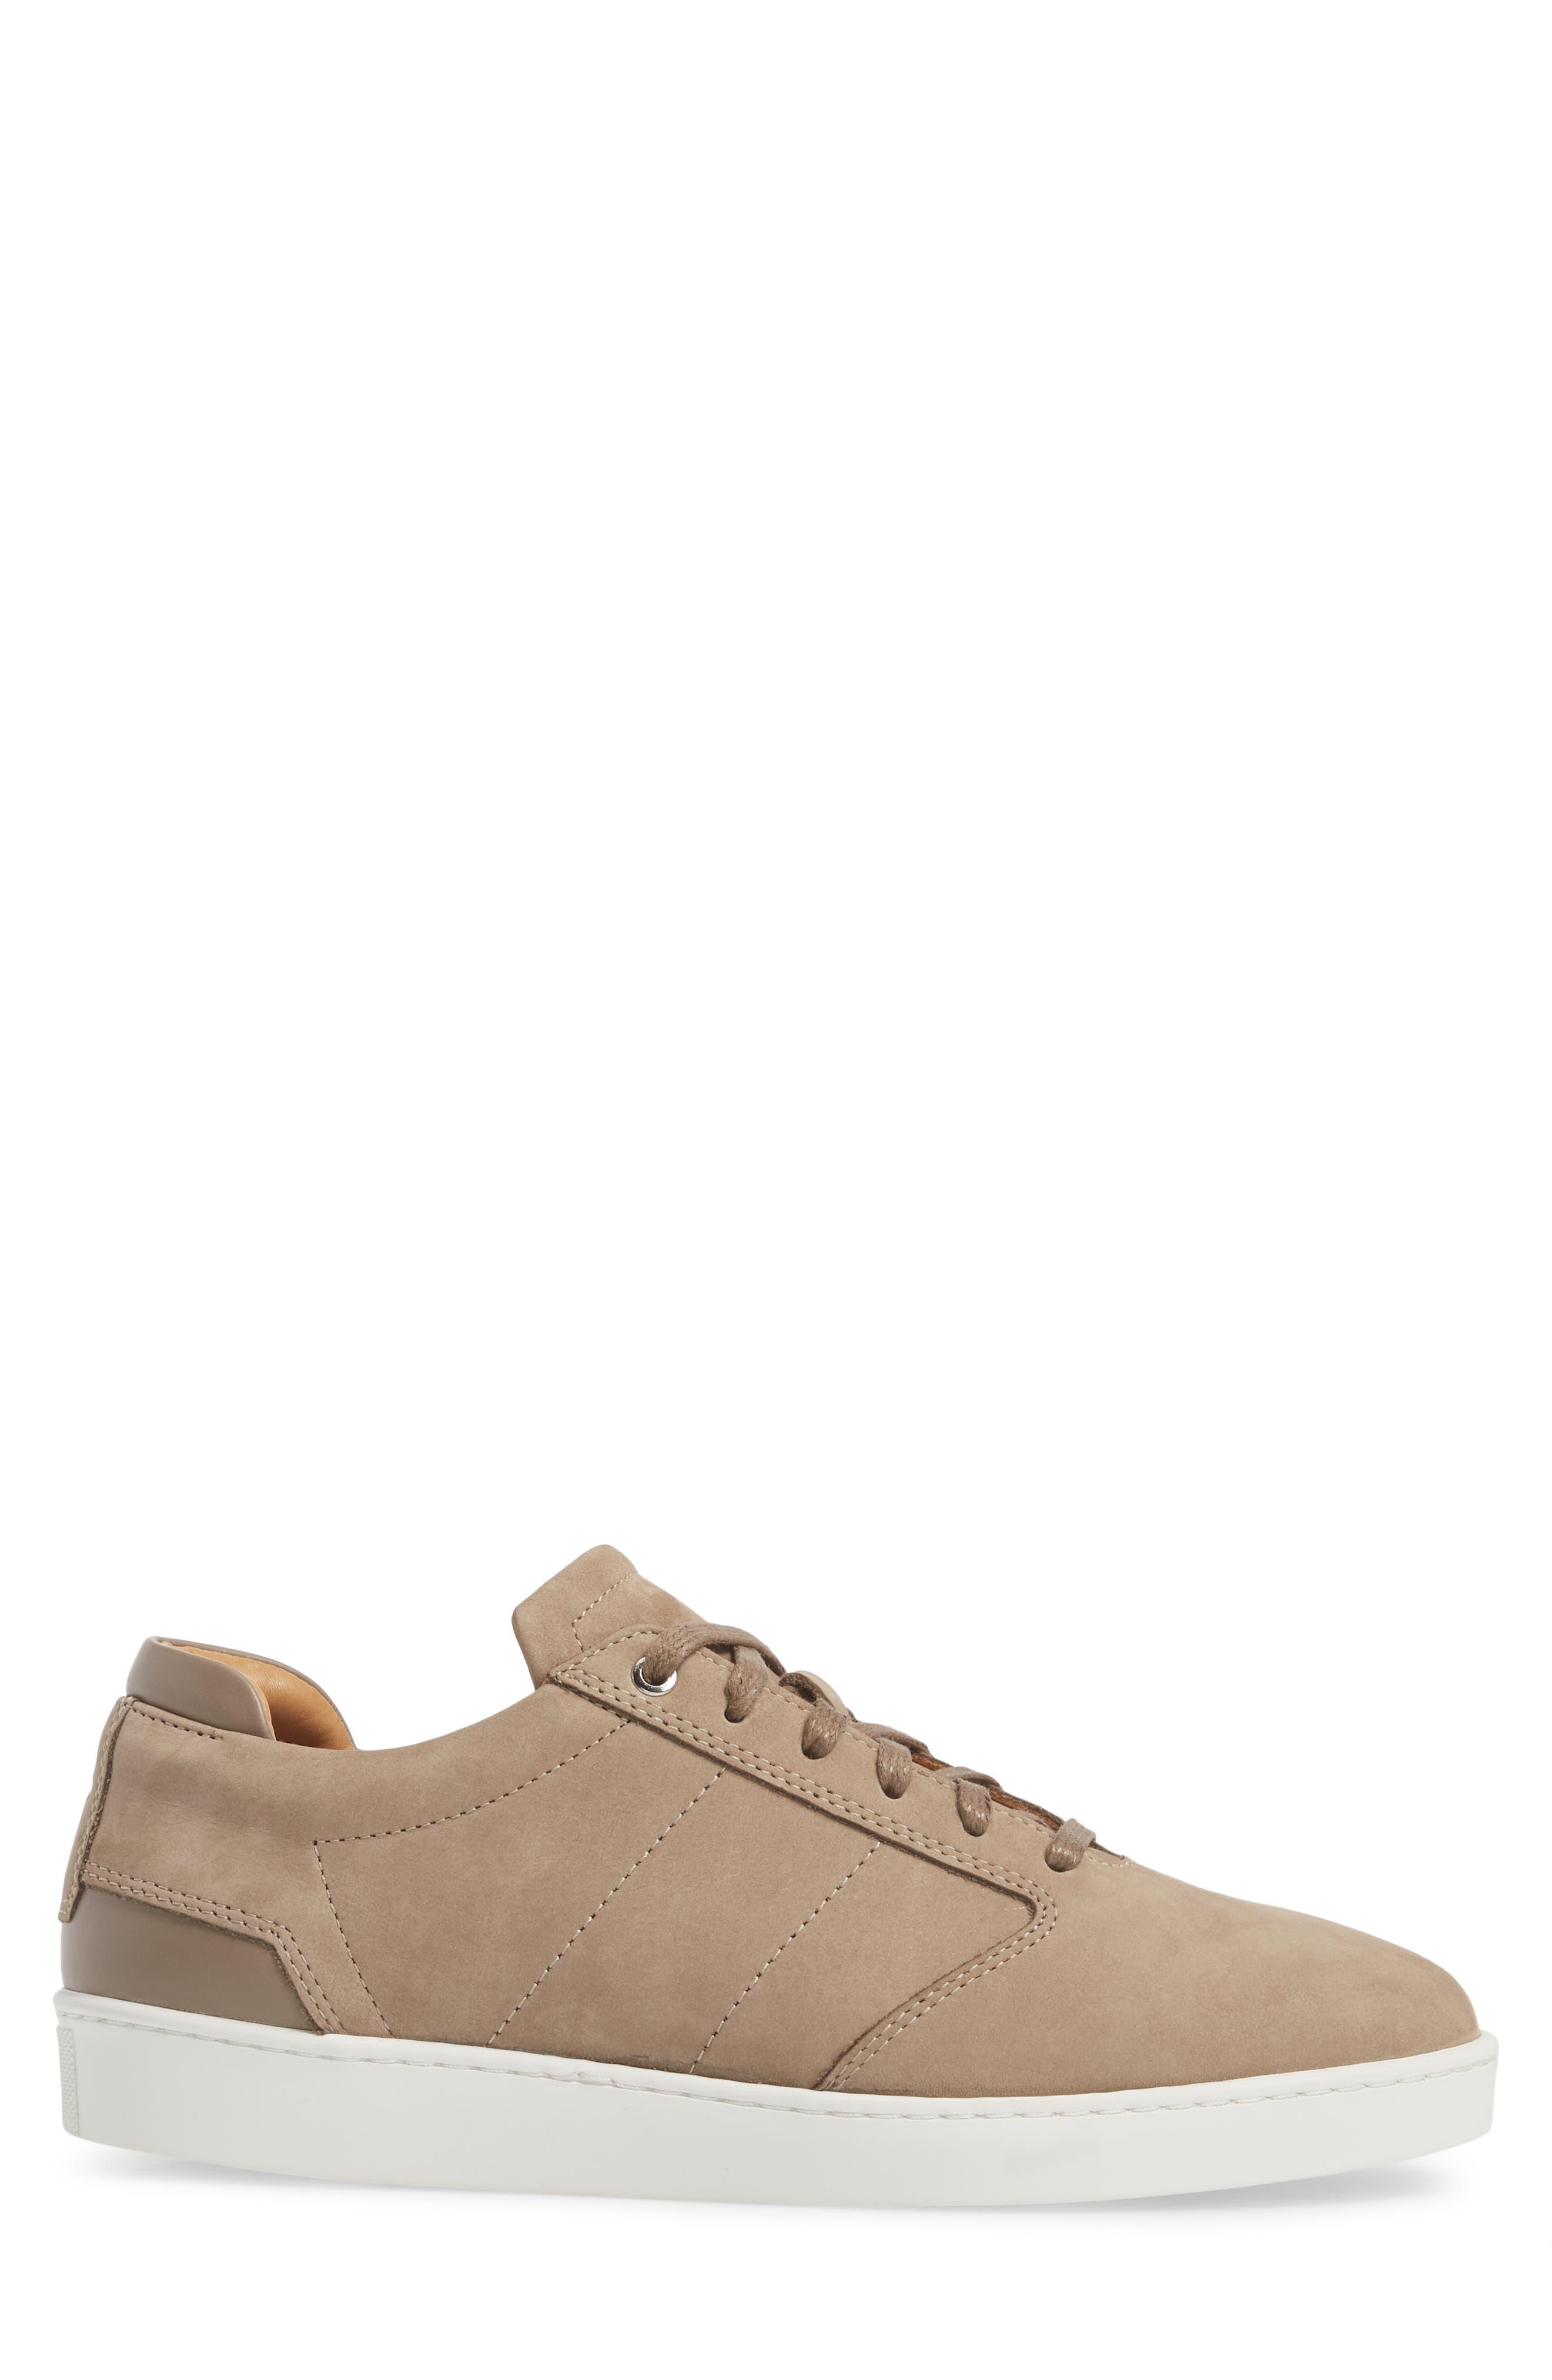 Lennon Sneaker,                             Alternate thumbnail 3, color,                             205